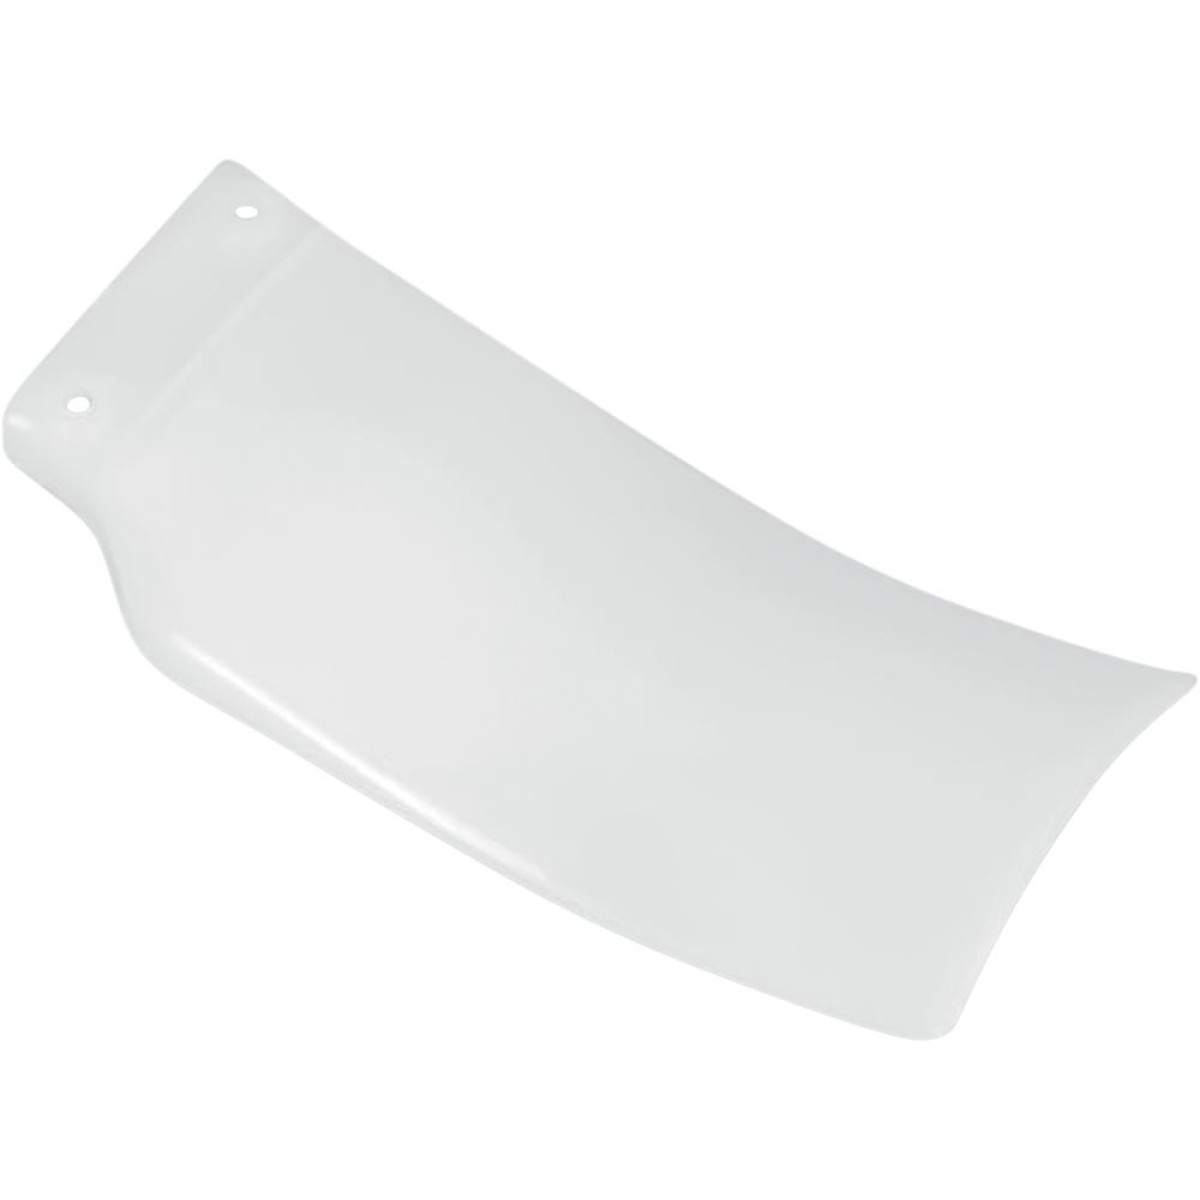 cubre amortiguador tras honda crf 250 04-05 250x 04-13 blanco ufo